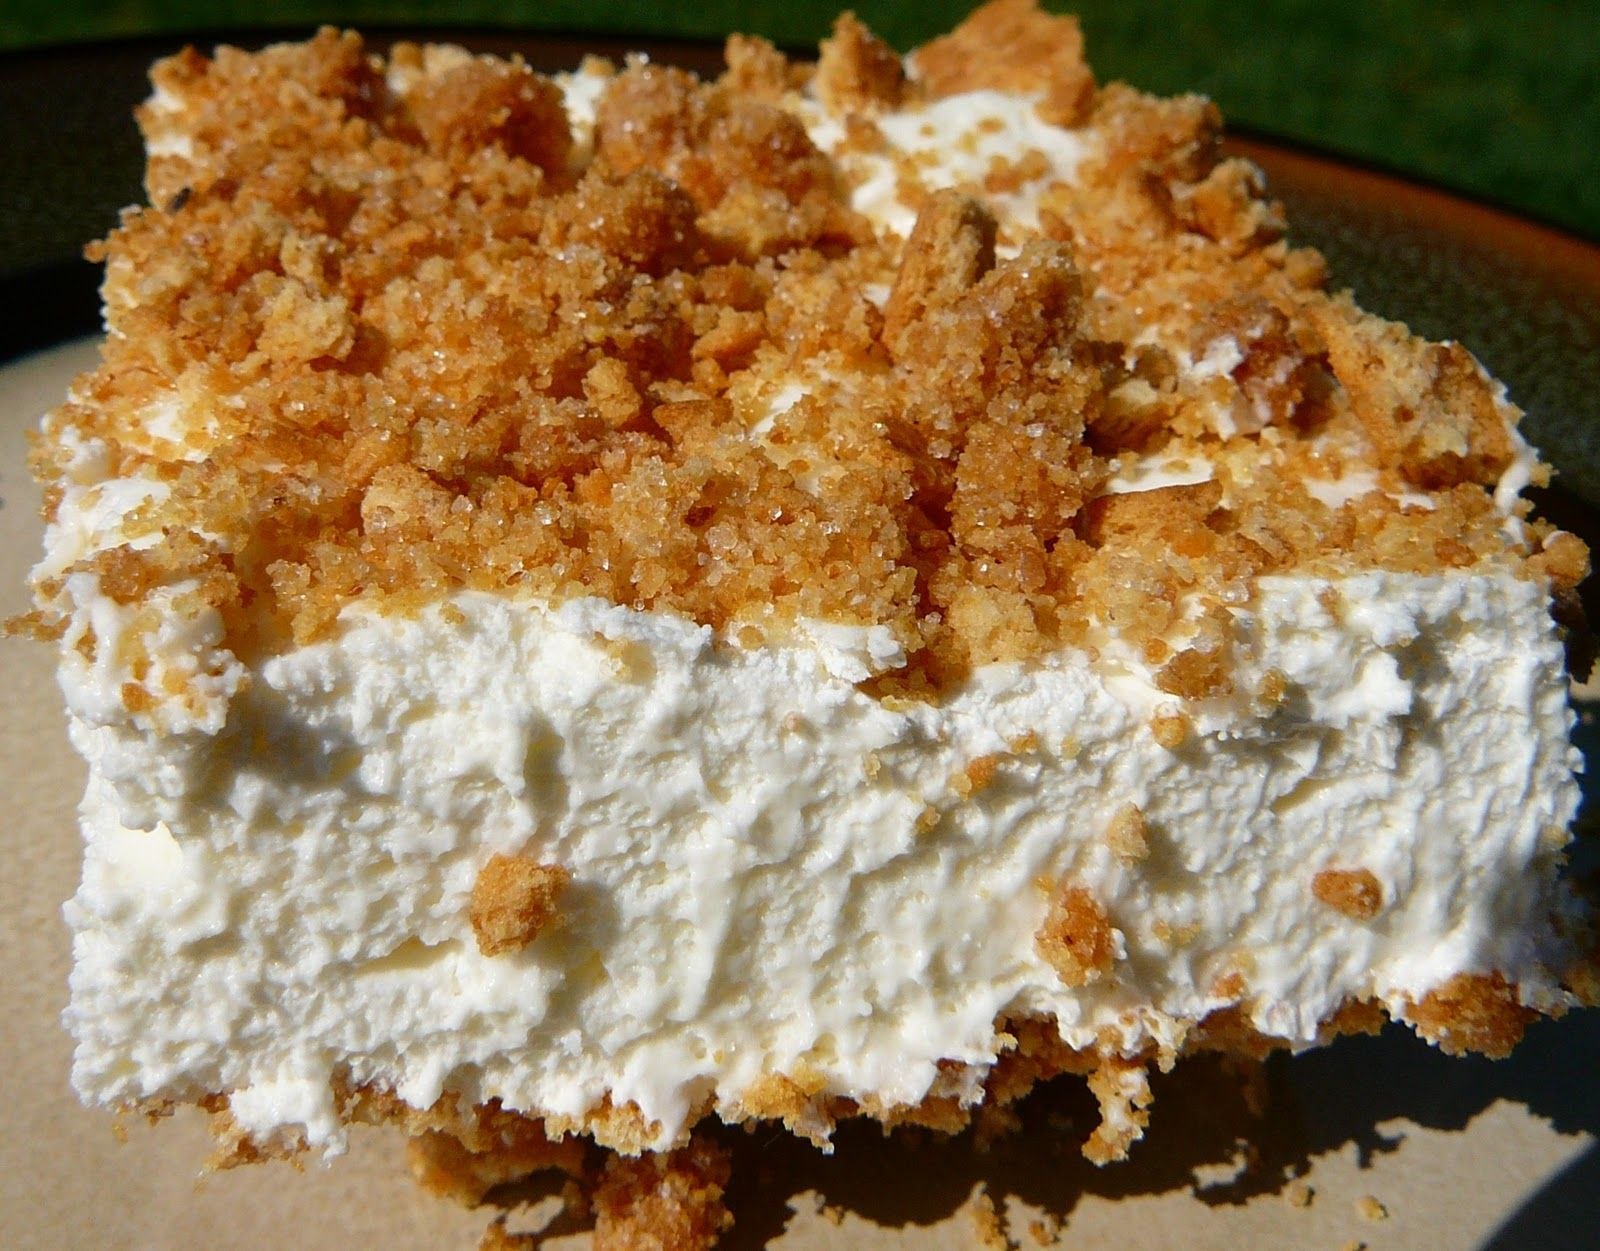 Comidas para bajar de peso recetas de pasteles